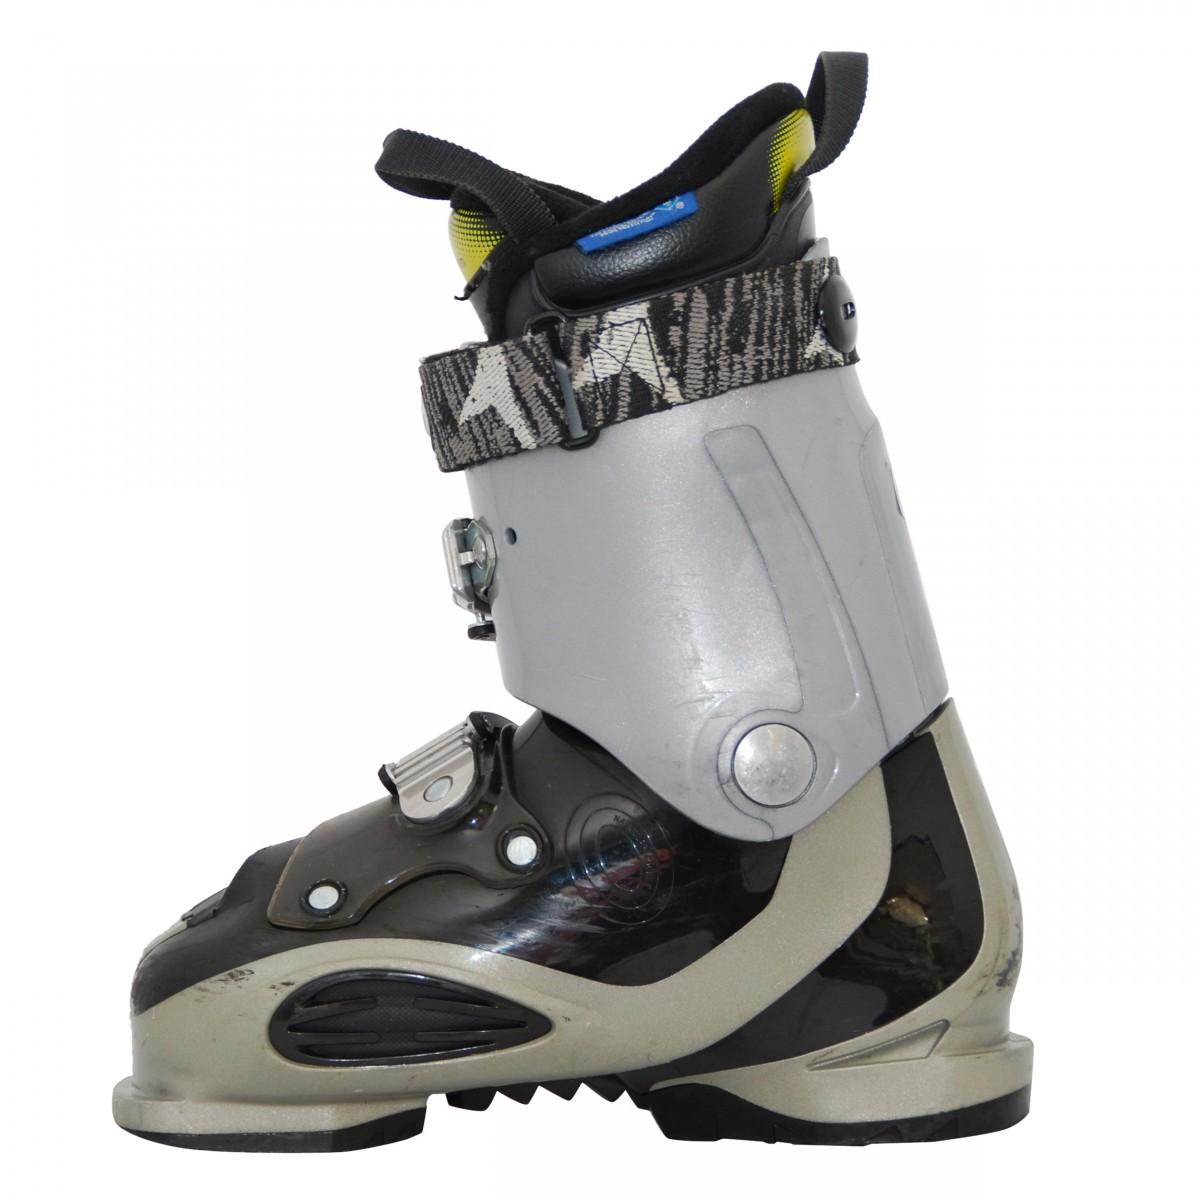 Chaussures de ski occasion Atomic live fit plus blanc//bleu